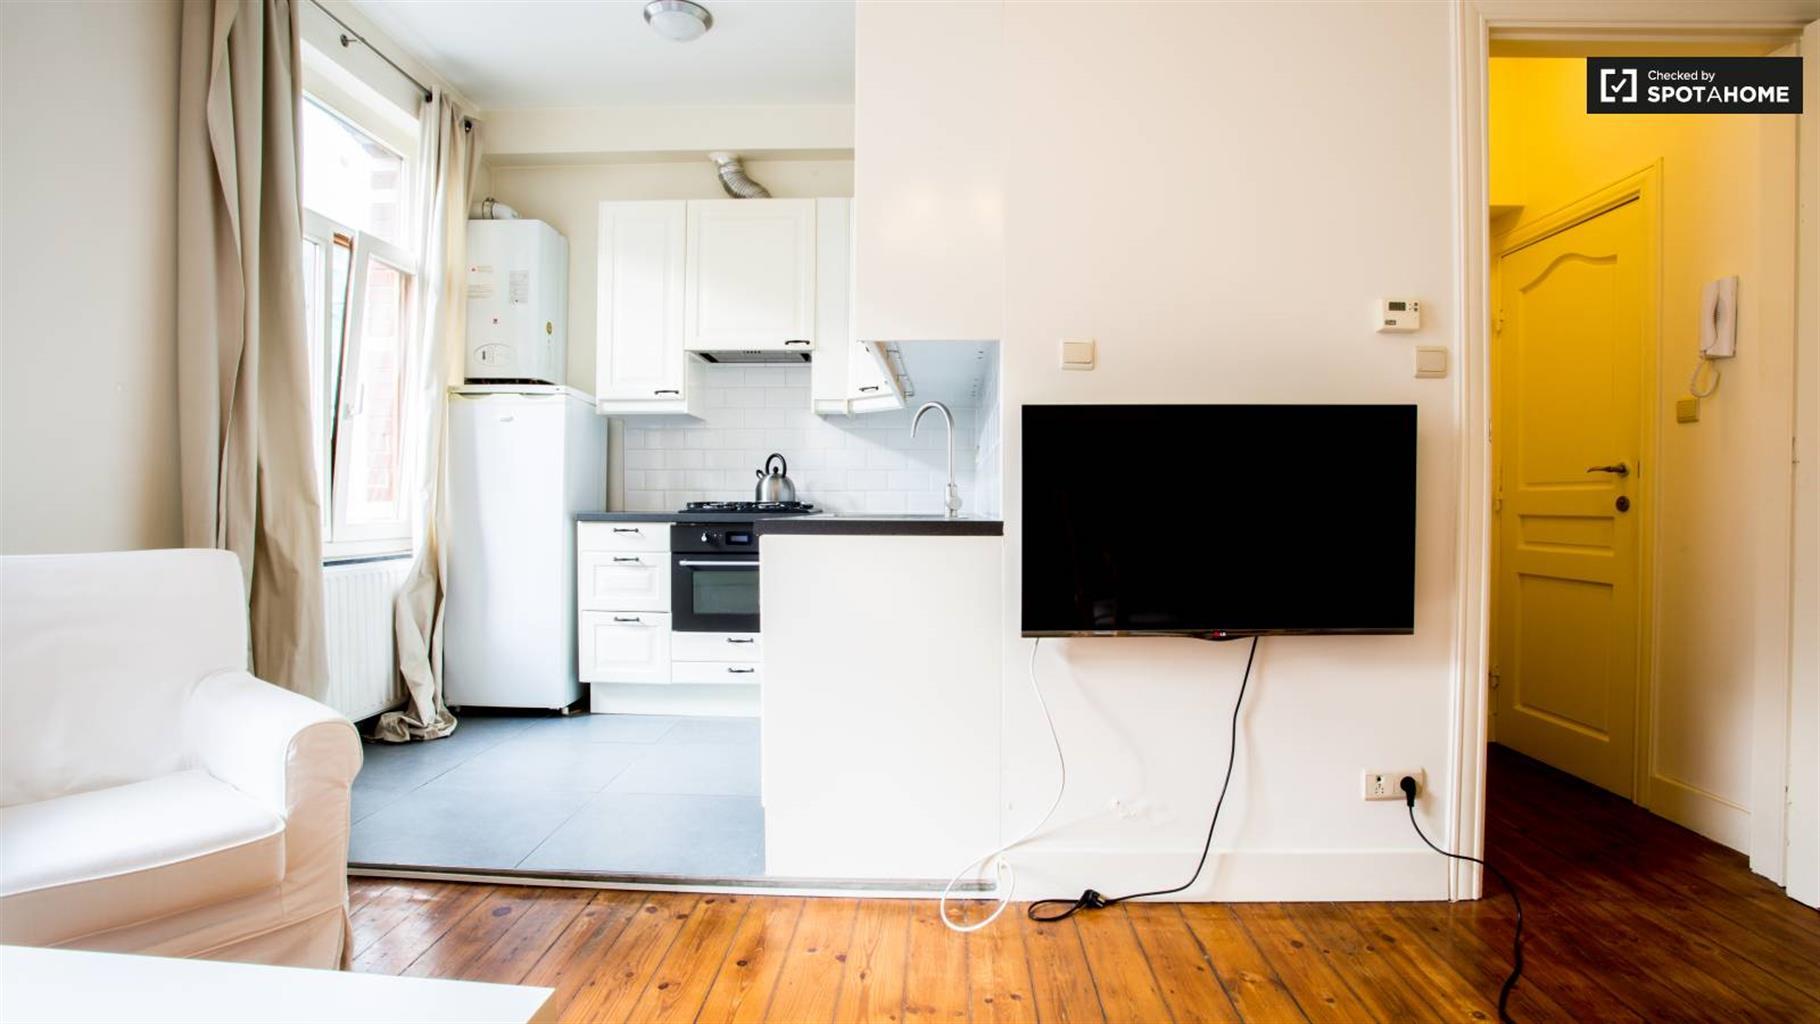 Appartement - Ixelles - #4360903-2